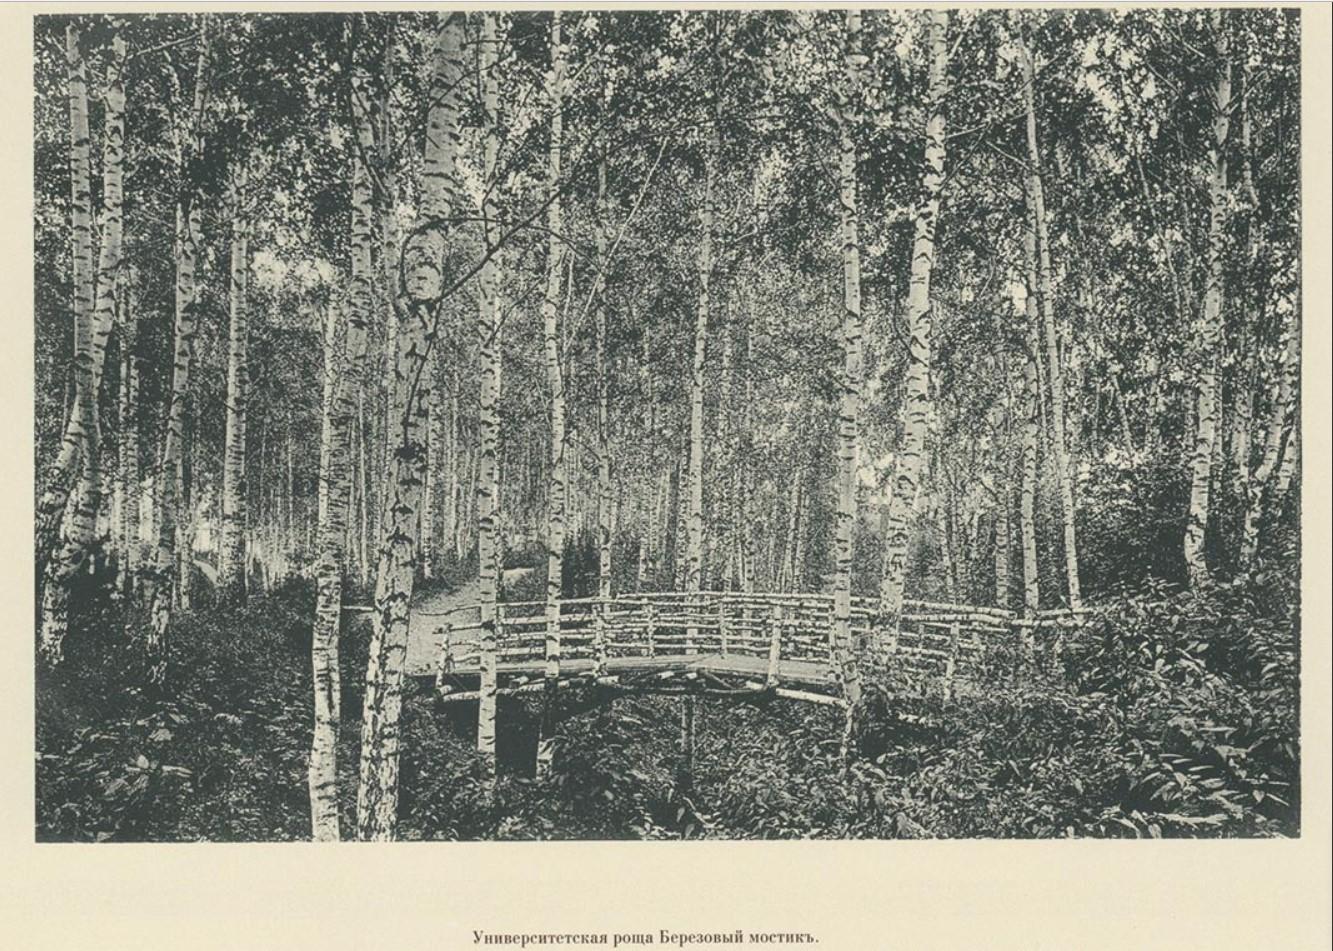 97. Университетская роща. Березовый мостик